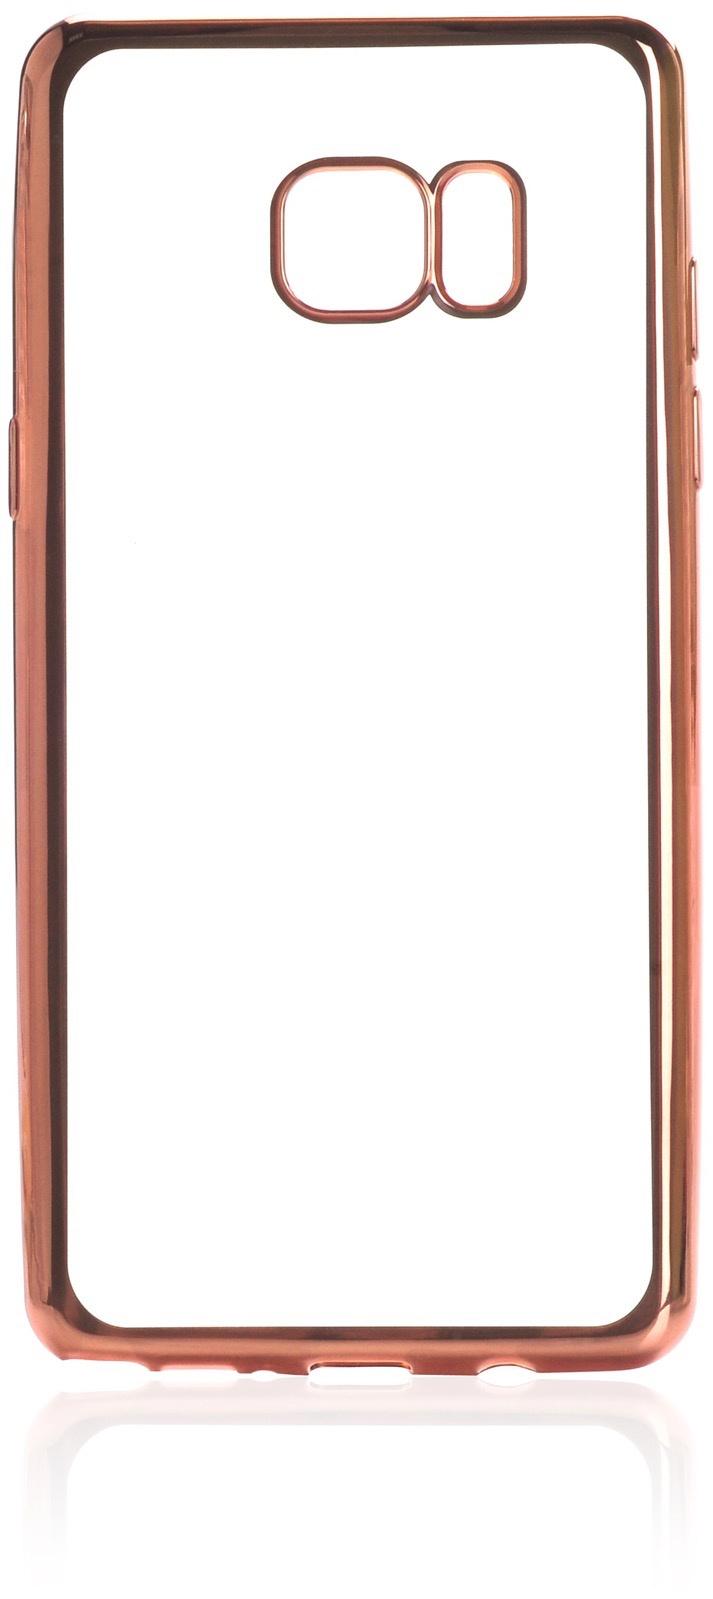 Чехол для сотового телефона iNeez накладка силикон с рамкой rose для Samsung Galaxy Note 7, прозрачный